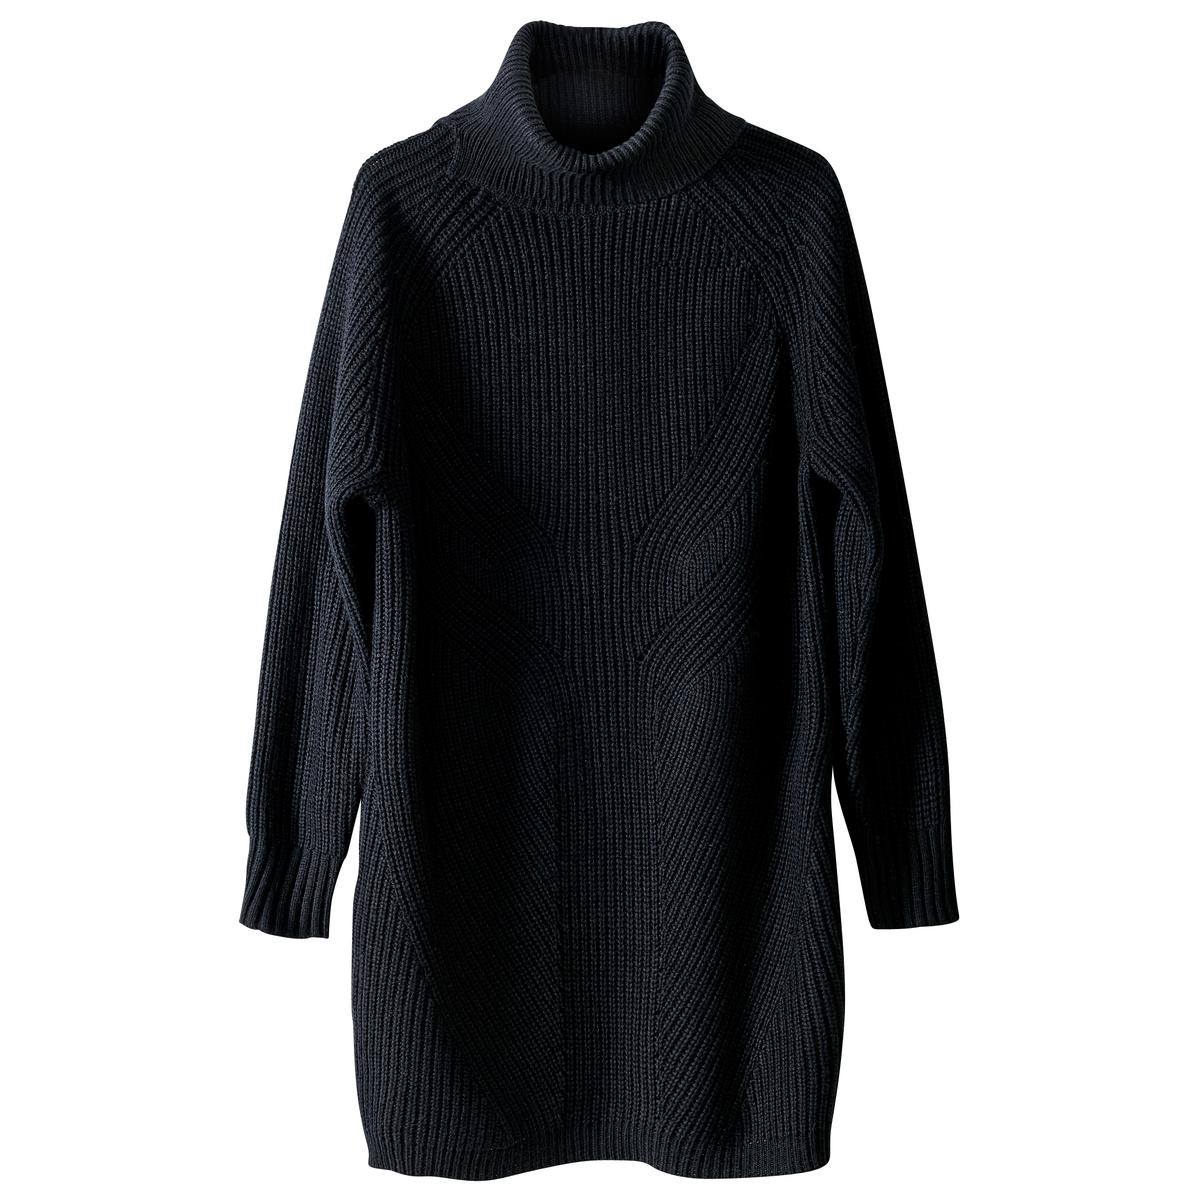 Платье-пуловер с воротником из шерсти и альпакиОписание:Детали •  Форма : платье-пуловер •  Укороченная модель •  Длинные рукава    •  Воротник с отворотомСостав и уход •  22% шерсти, 33% акрила, 5% альпаки, 40%  полиамида •  Температура стирки при 30° на деликатном режиме   •  Сухая чистка и отбеливание запрещены •  Не использовать барабанную сушку •  Не гладить •  Длина  : 80 см<br><br>Цвет: серый меланж,черный<br>Размер: XXL.L.XL.XL.XXL.L.M